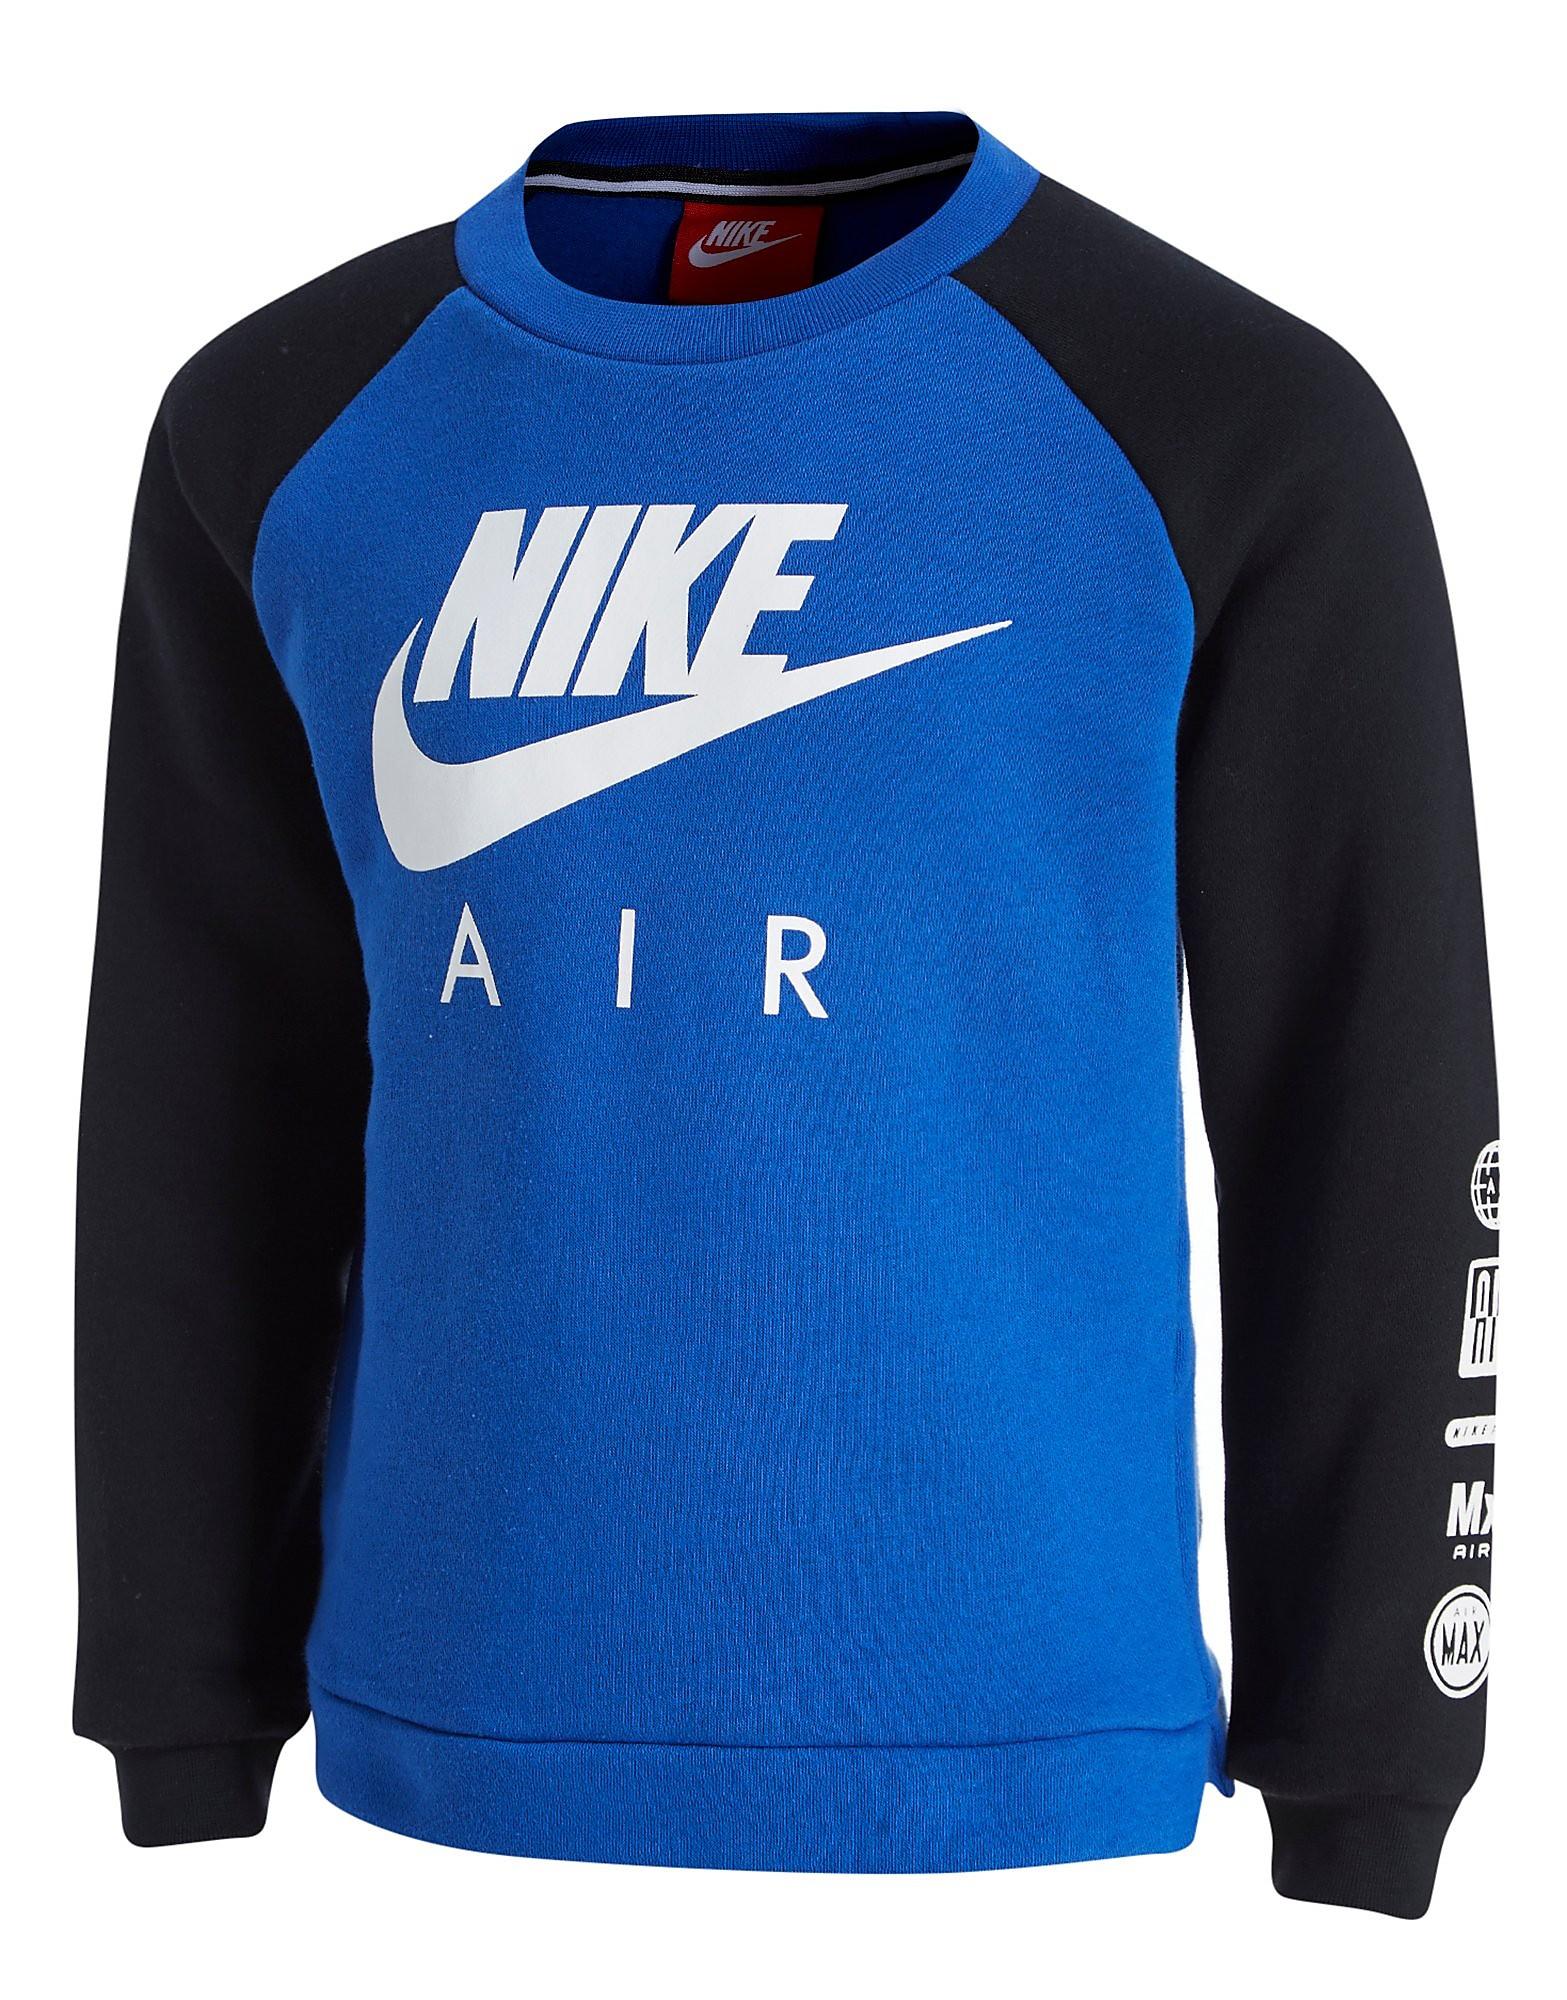 Nike Sweatshirt Air Crew Enfant